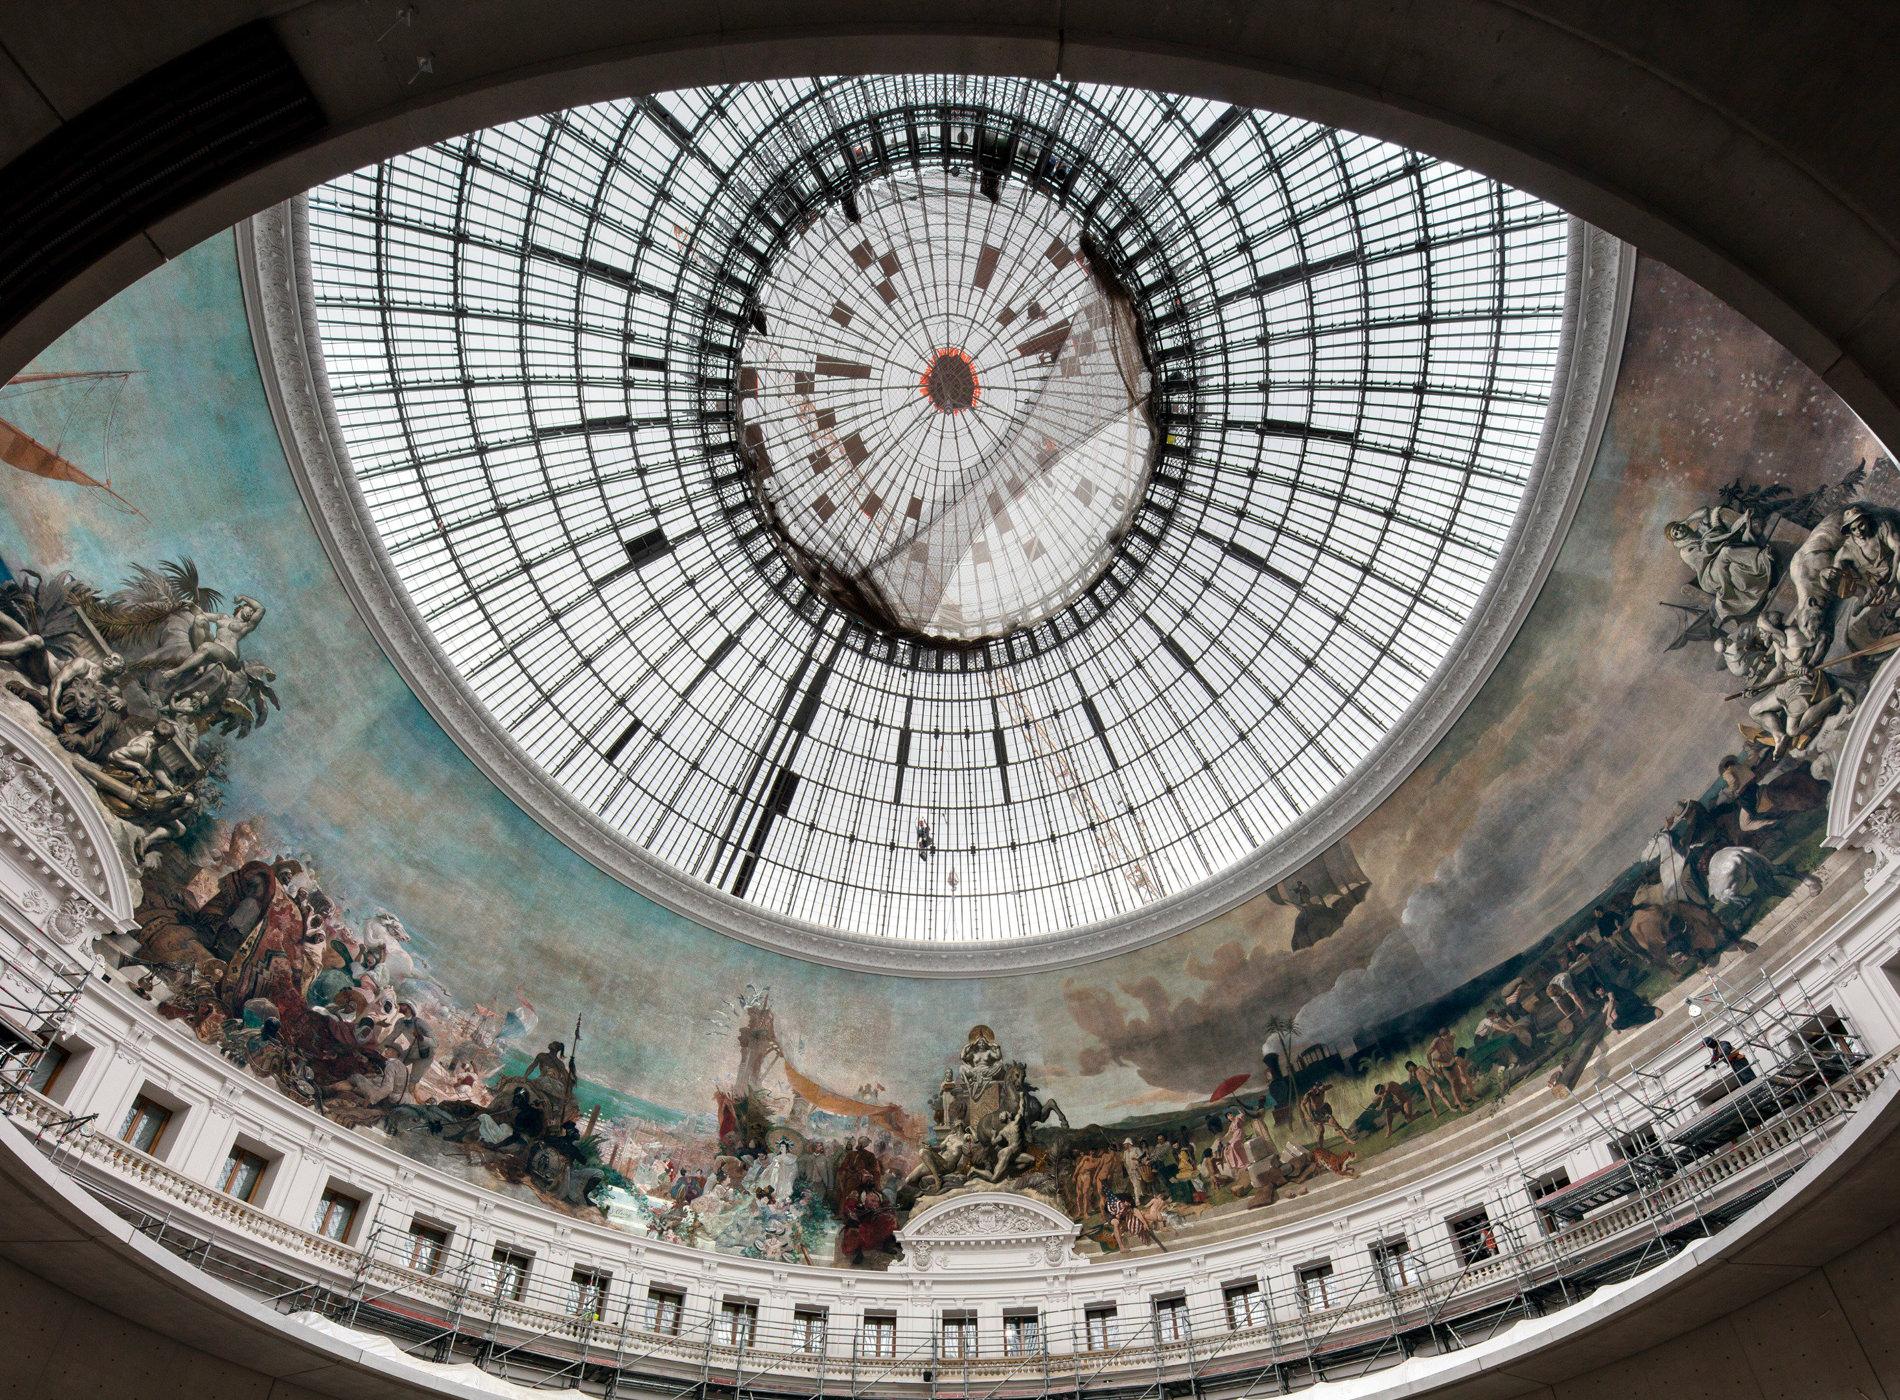 Bourse Commerce Paris Collection Pinault Chantier